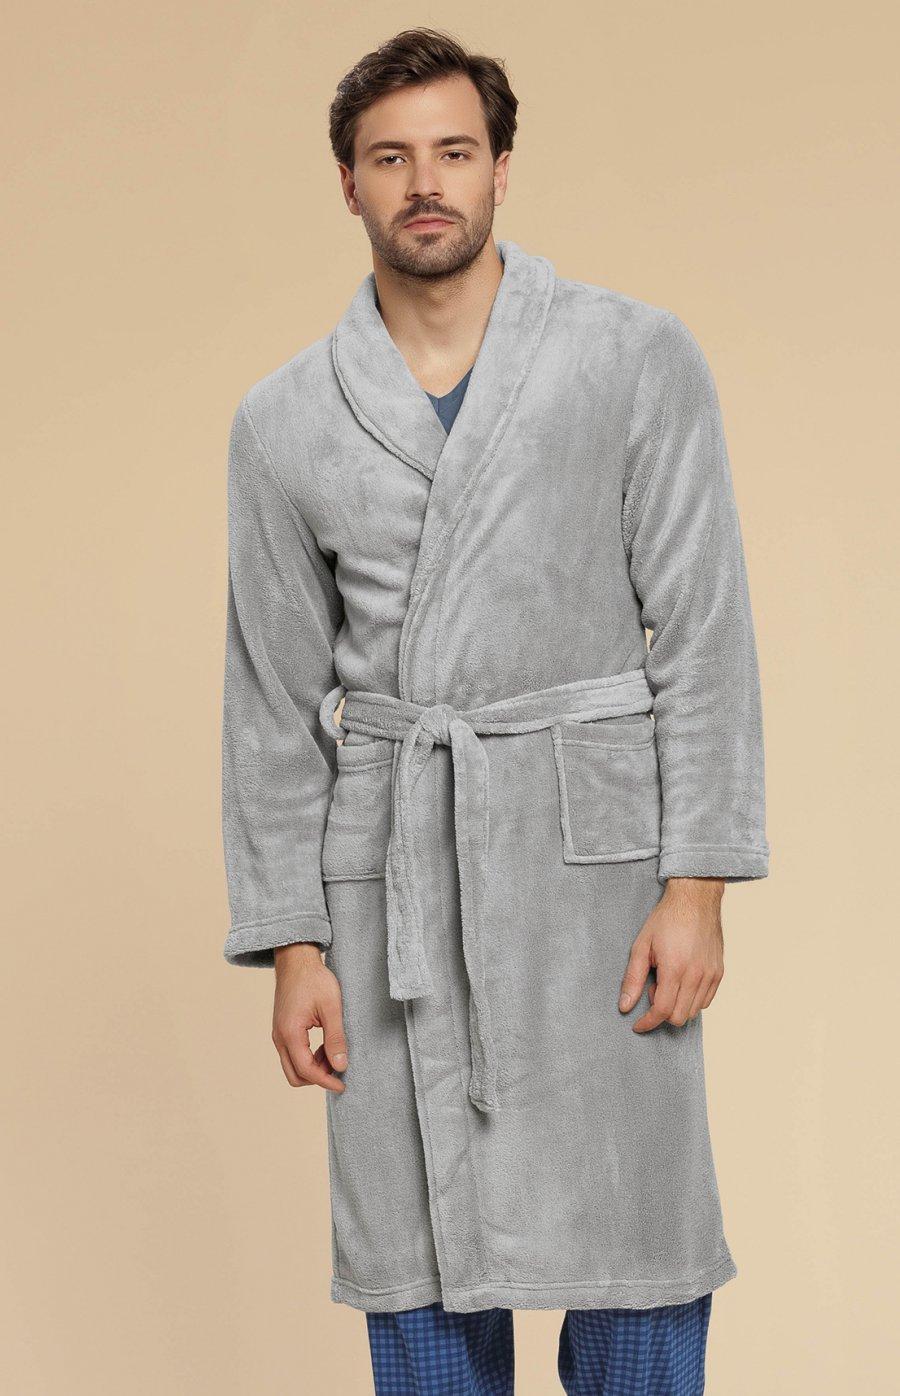 Robe Soft Liso Inverno 2019 PROMO